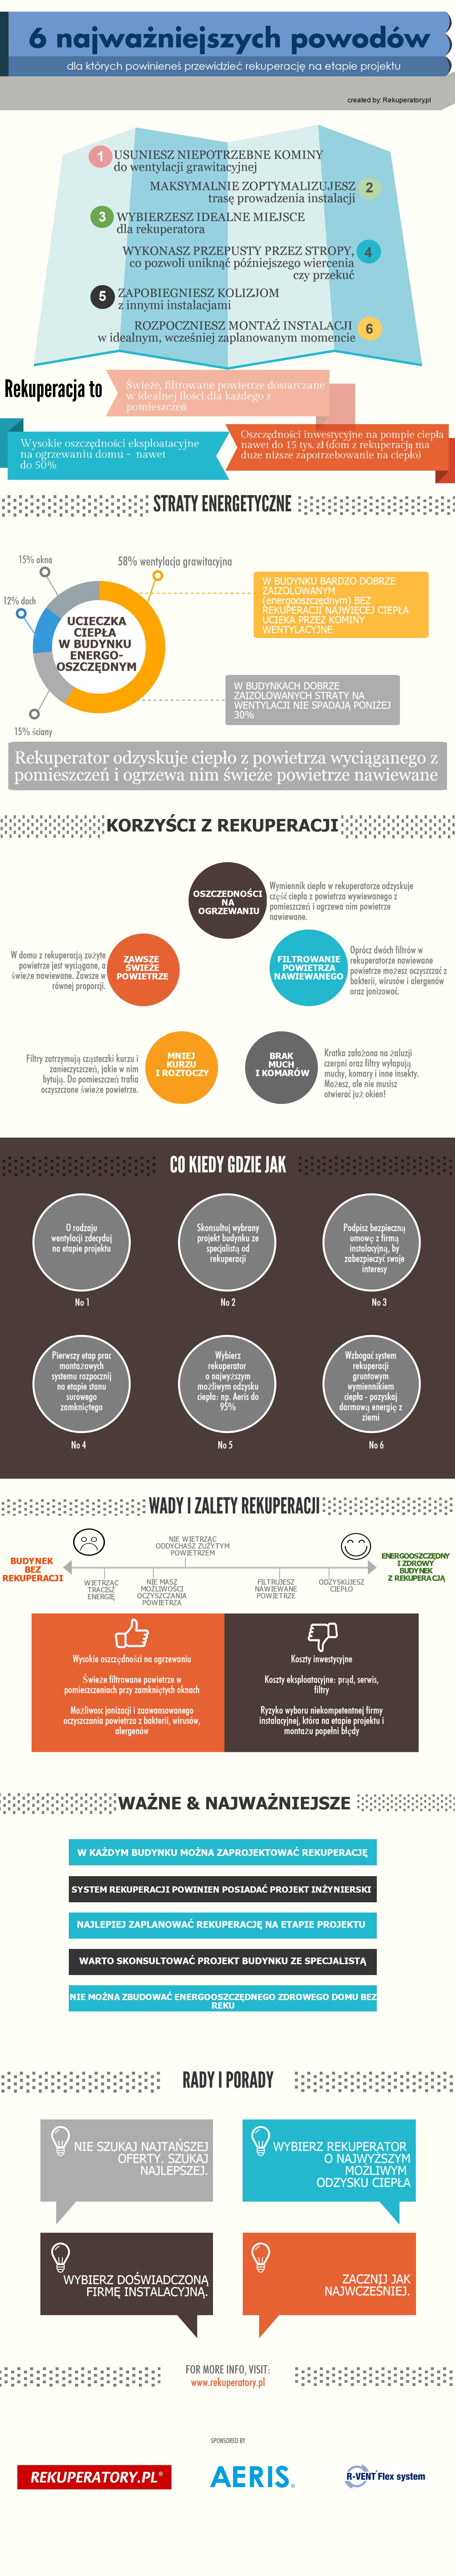 6 najważniejszych powodów za rekuperacja infografika